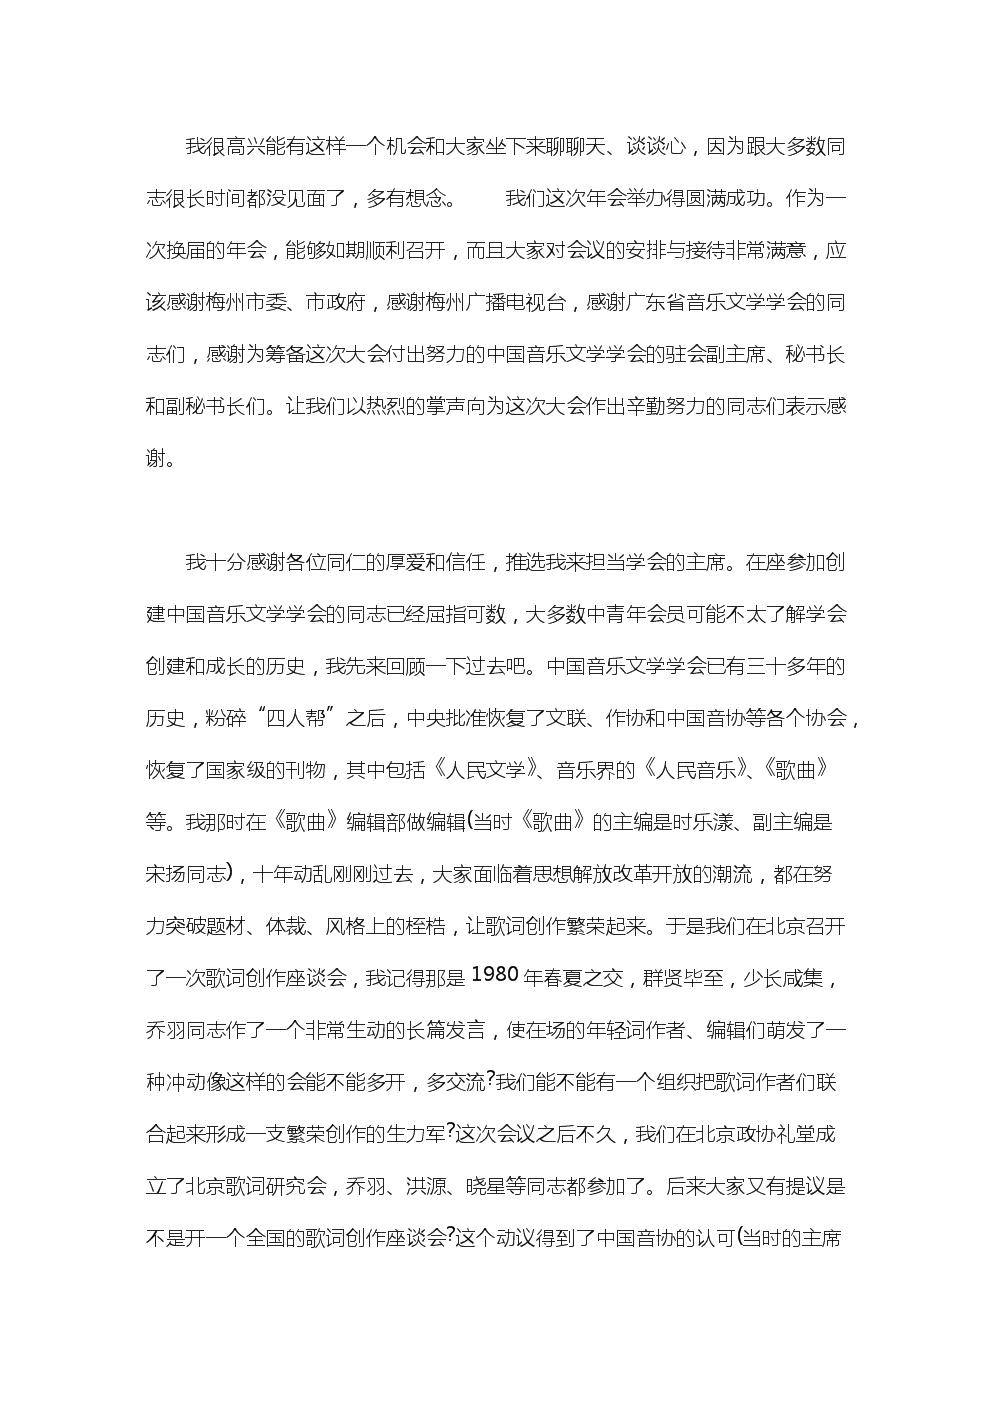 陈晓光主席在中国音乐文学学会第八次全国代表大会闭幕式上的讲话摘要:中国电影文学学会地址.DOC